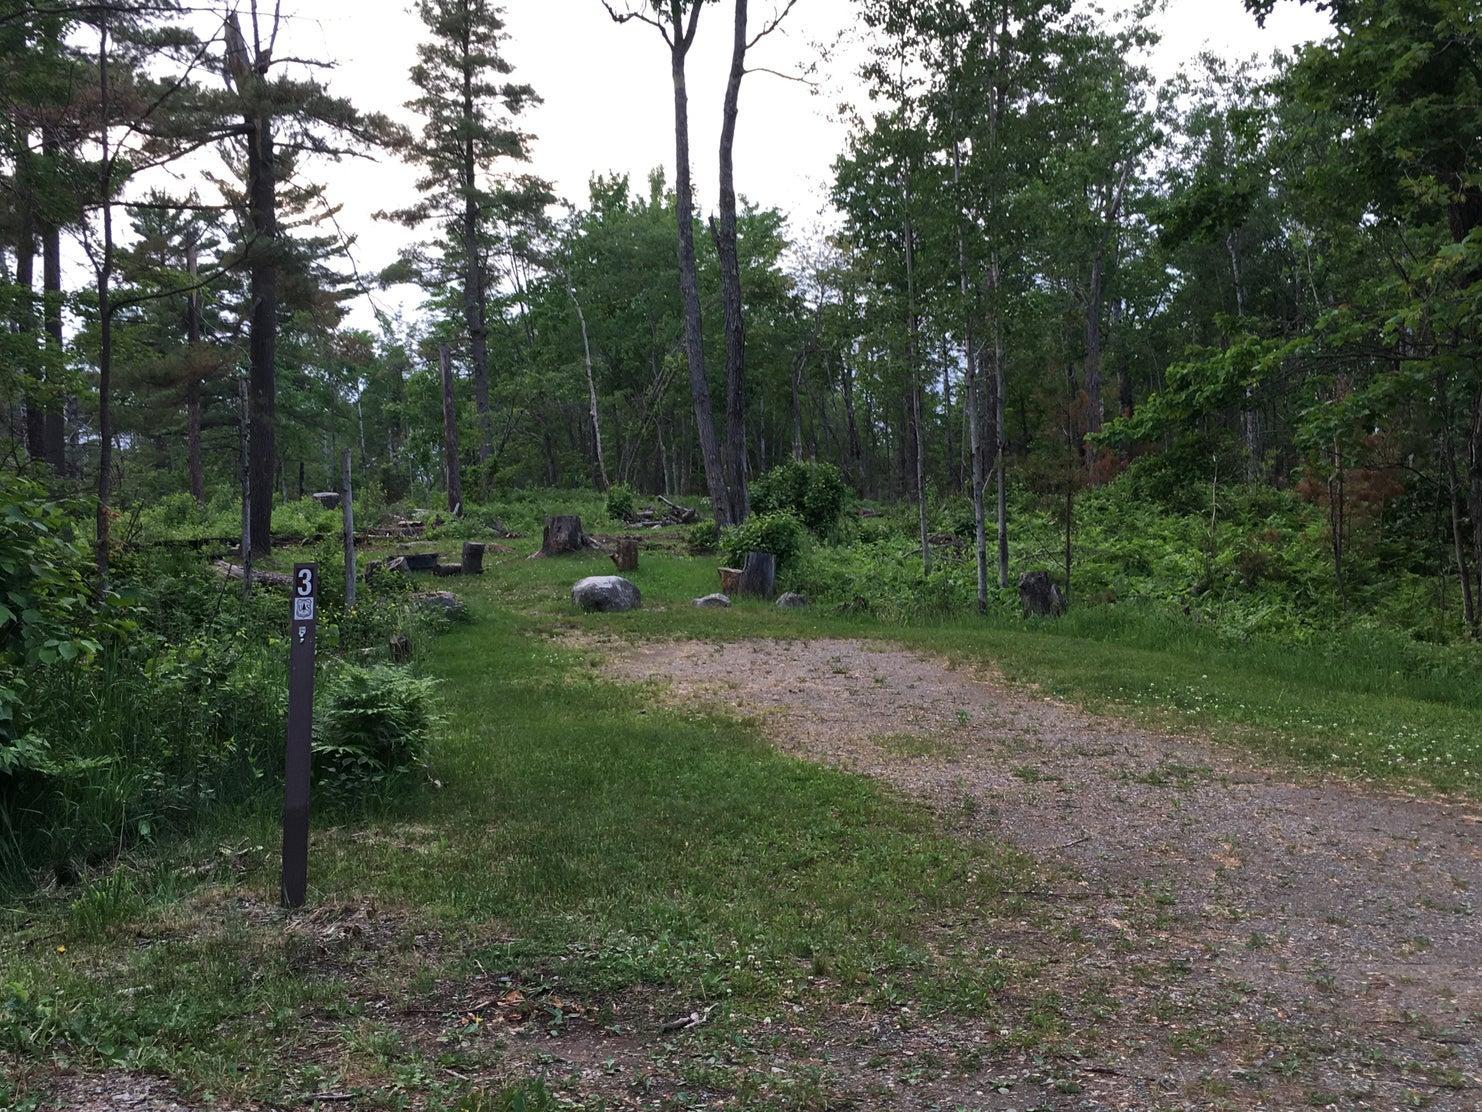 empty campsite